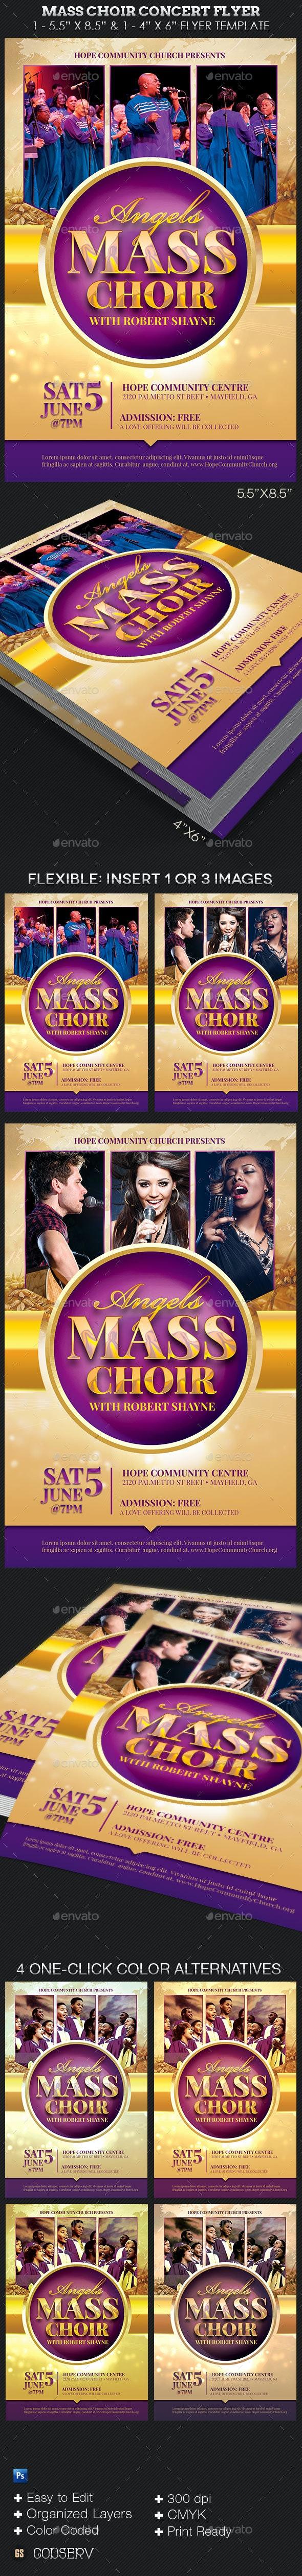 Mass Choir Concert Flyer Template - Church Flyers